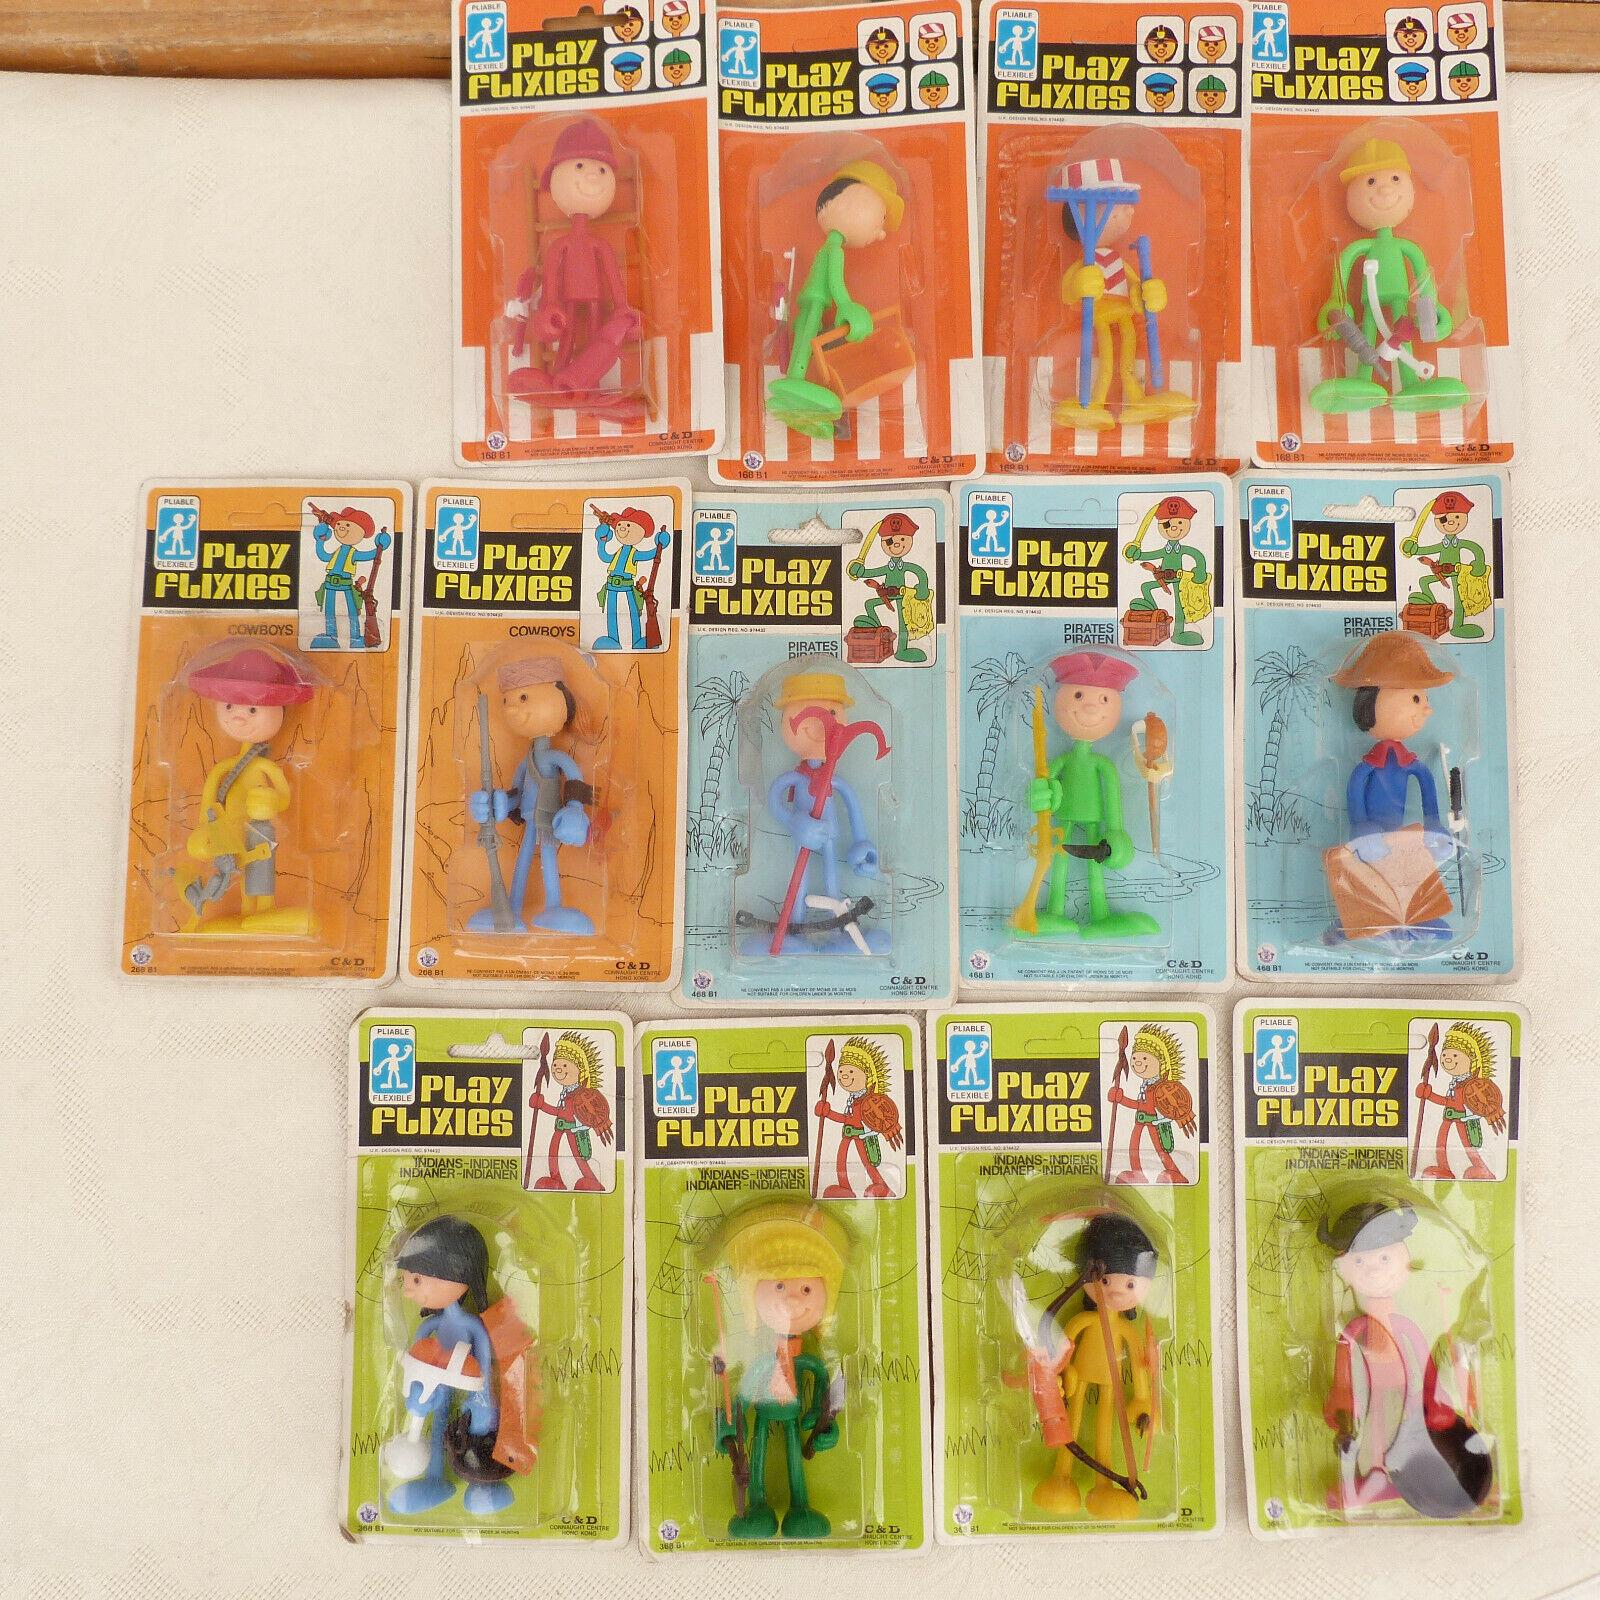 13 jouets figurines vintage PLAY FLIXIES dans leur boite d'origine